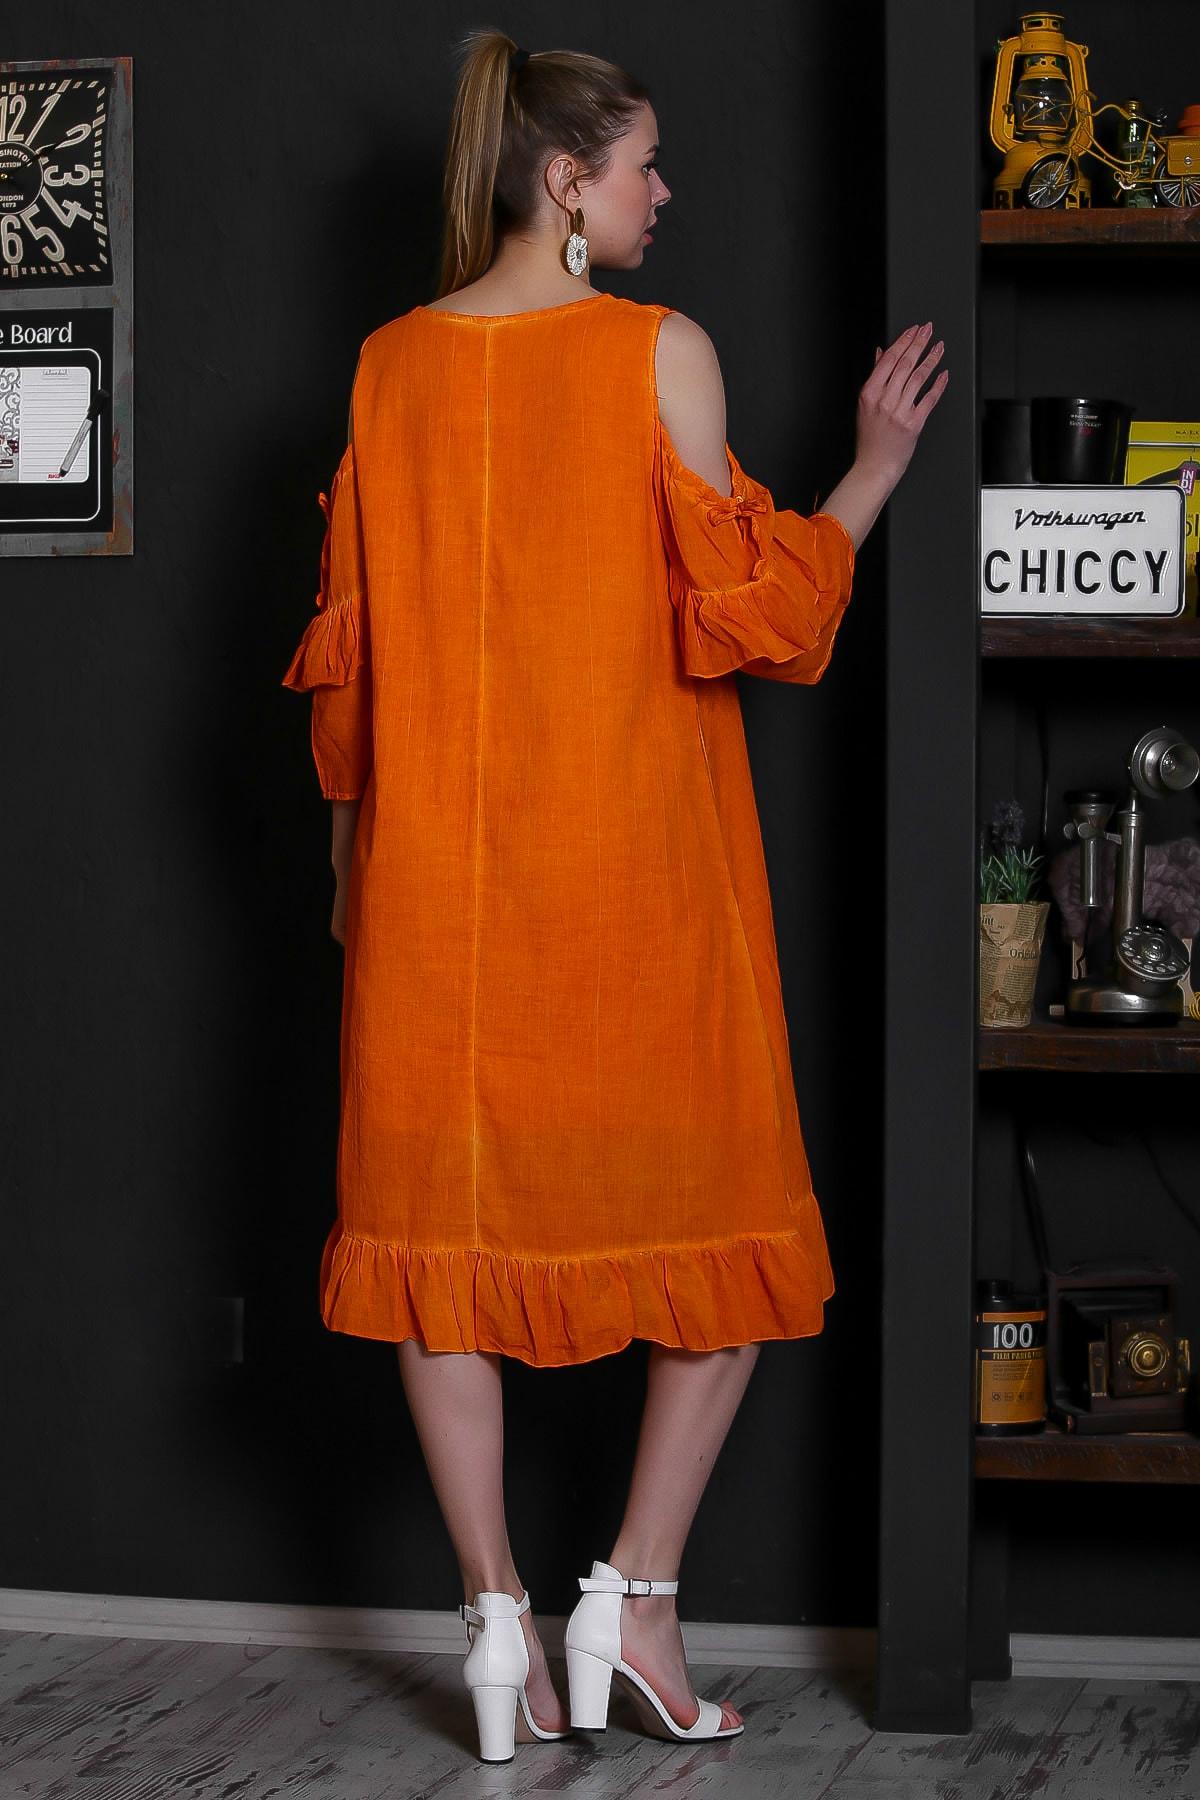 Chiccy Kadın Turuncu Dantel Yakalı Omuzları Pencereli Volanlı Astarlı Yıkamalı Elbise M10160000EL95361 4